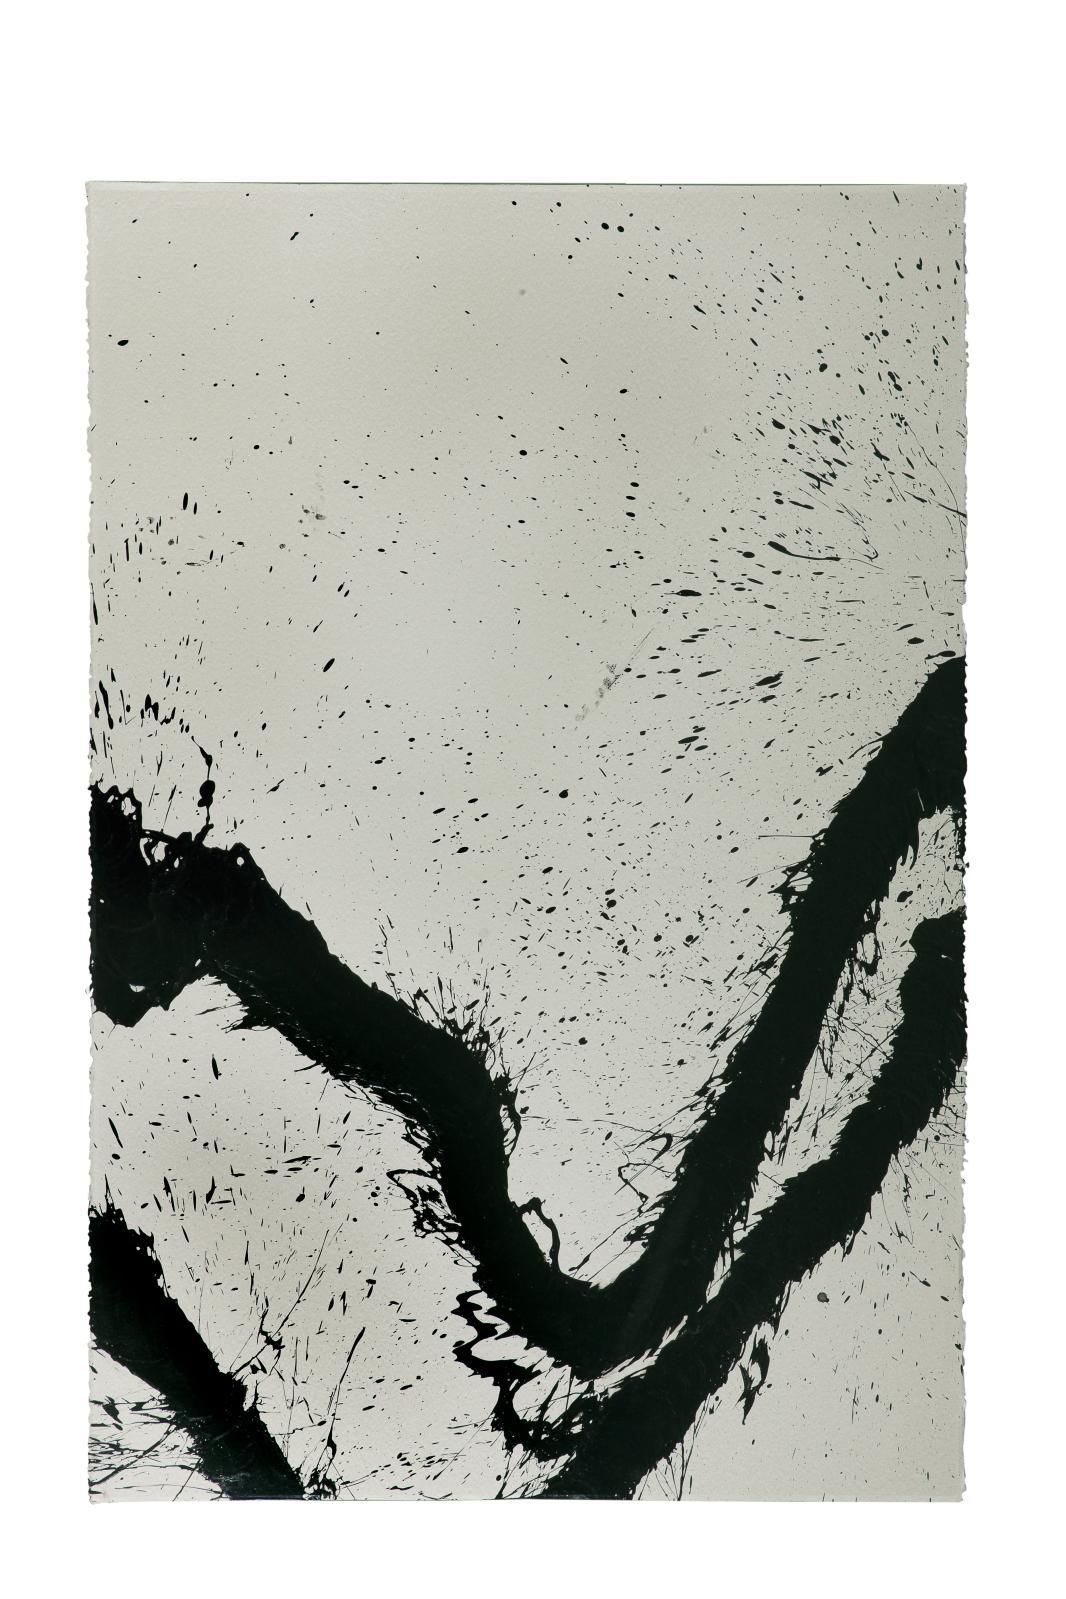 35000/45000€ sont demandés de cette rare et grande encre sur papier de Fabienne Verdier, Solo n°04 (198x134cm), réalisée en 2013 et